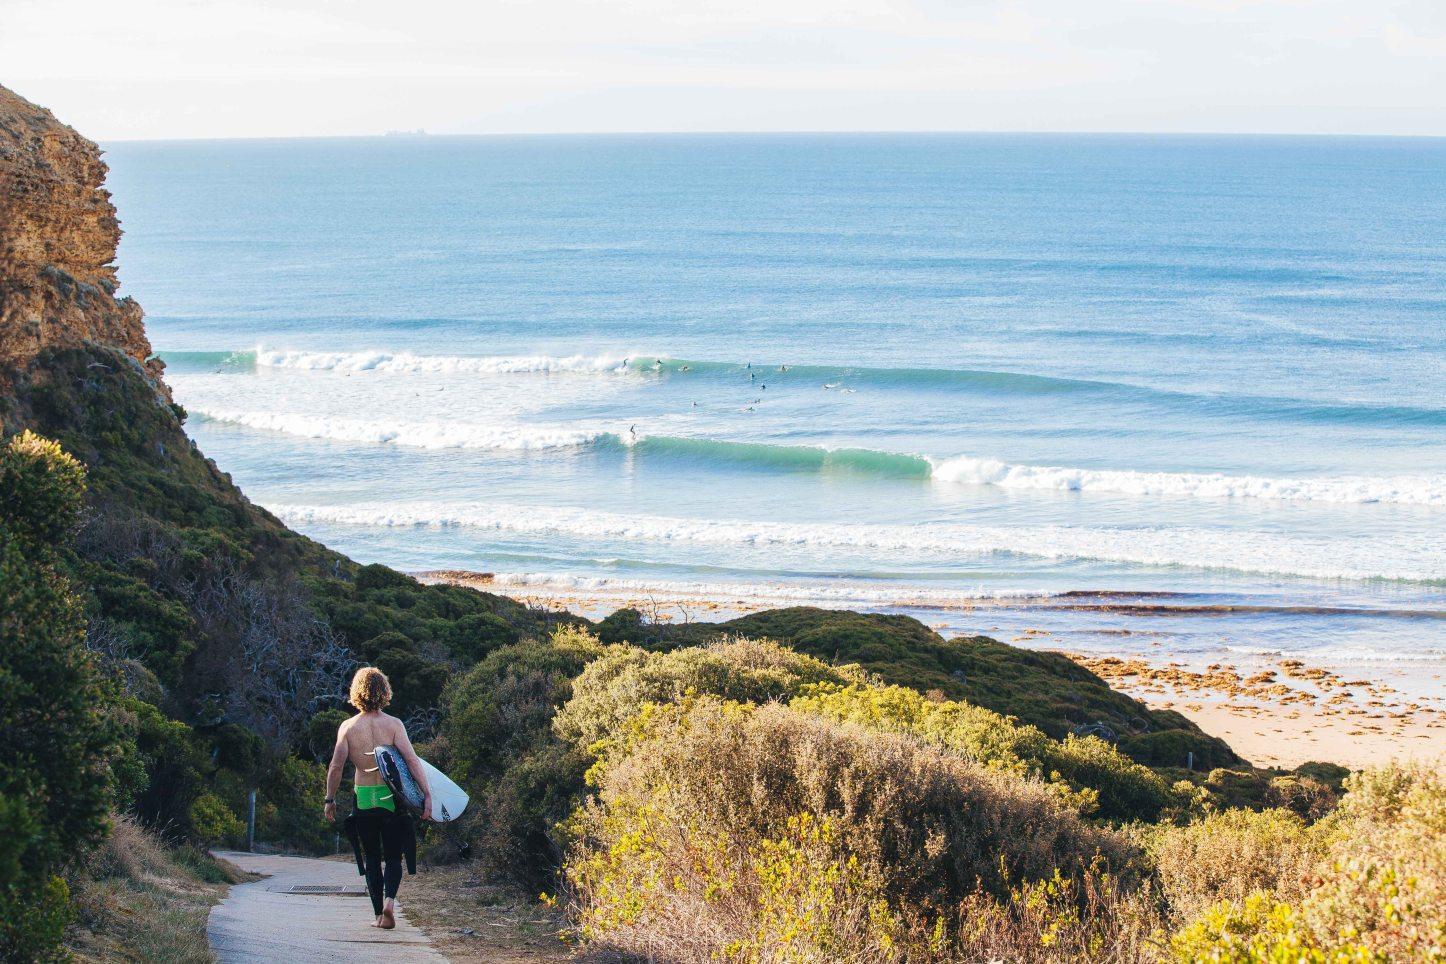 Ocean surftrip